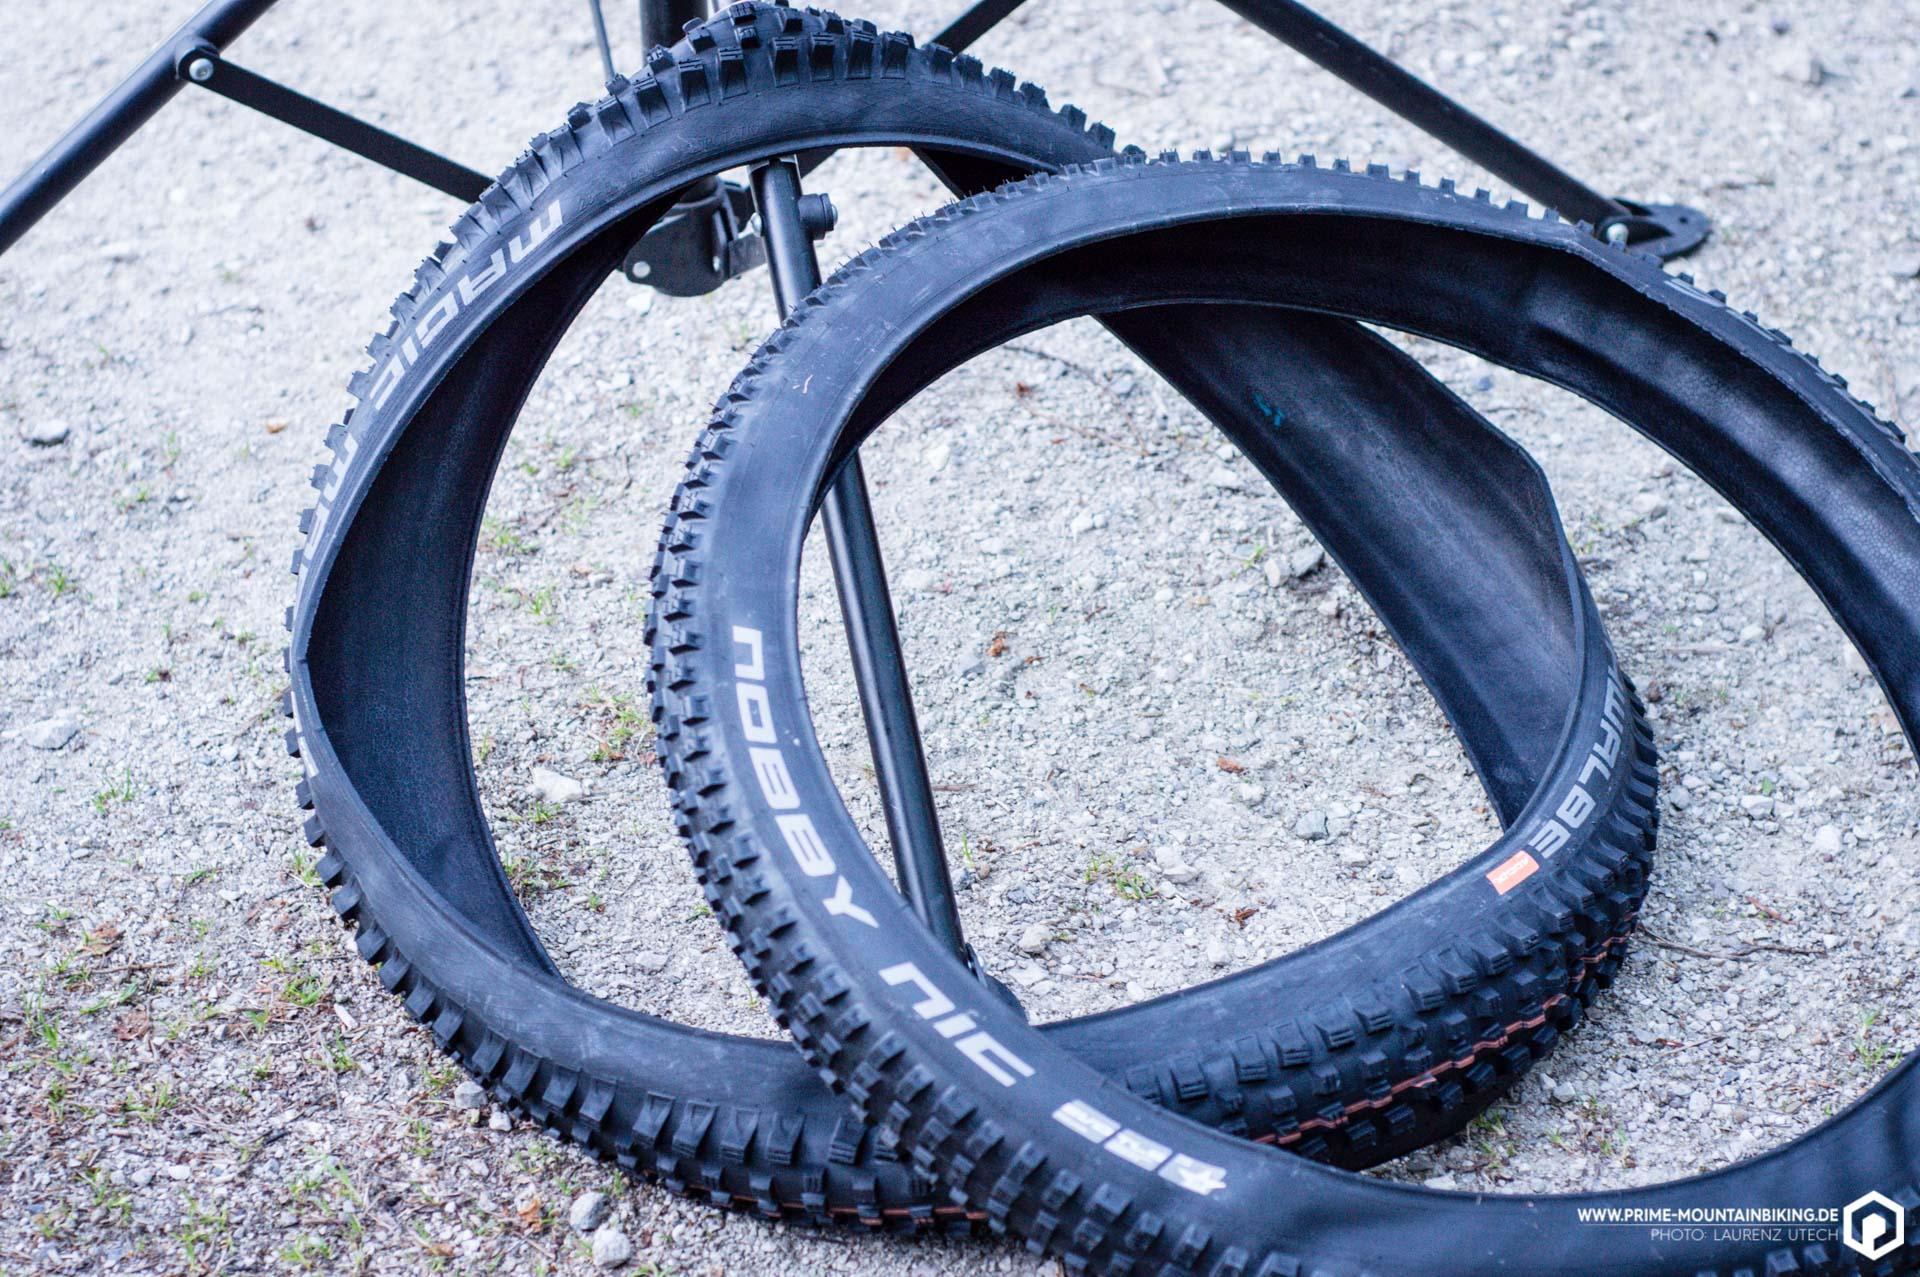 Nicht mehr alle Stollen am Reifen? Dann ist es Zeit für einen Wechsel. Um die neuen Addix Reifen von Schwalbe zu montieren, haben wir den Schwalbe Tire Booster benutzt.